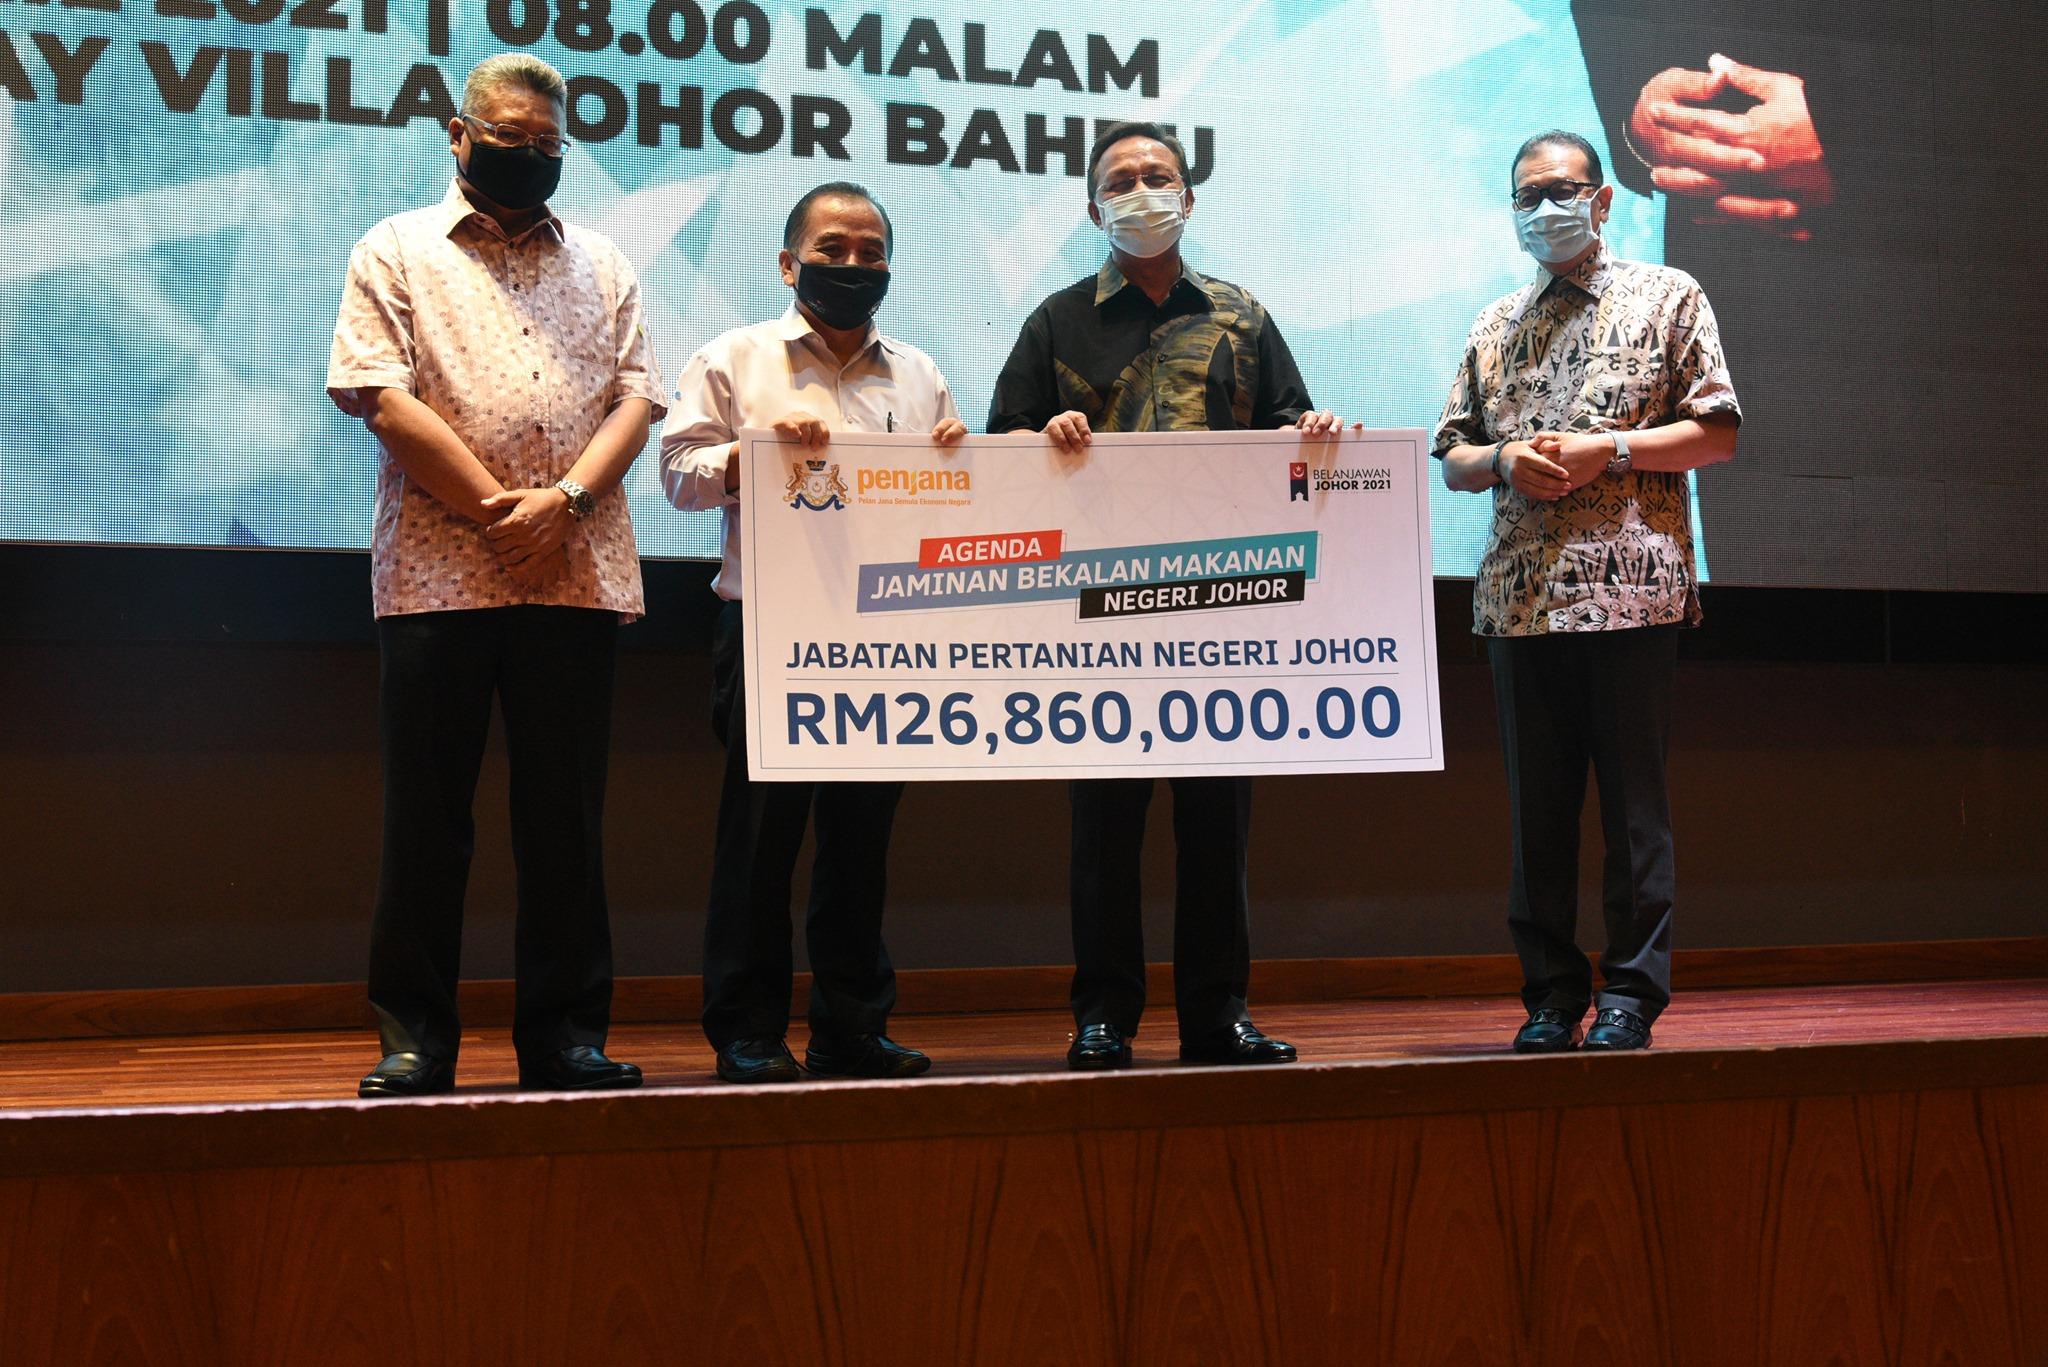 Majlis Ramah Mesra YAB Menteri Besar Johor Bersama Penggerak Utama Agenda Jaminan Bekalan Makanan Negeri Johor